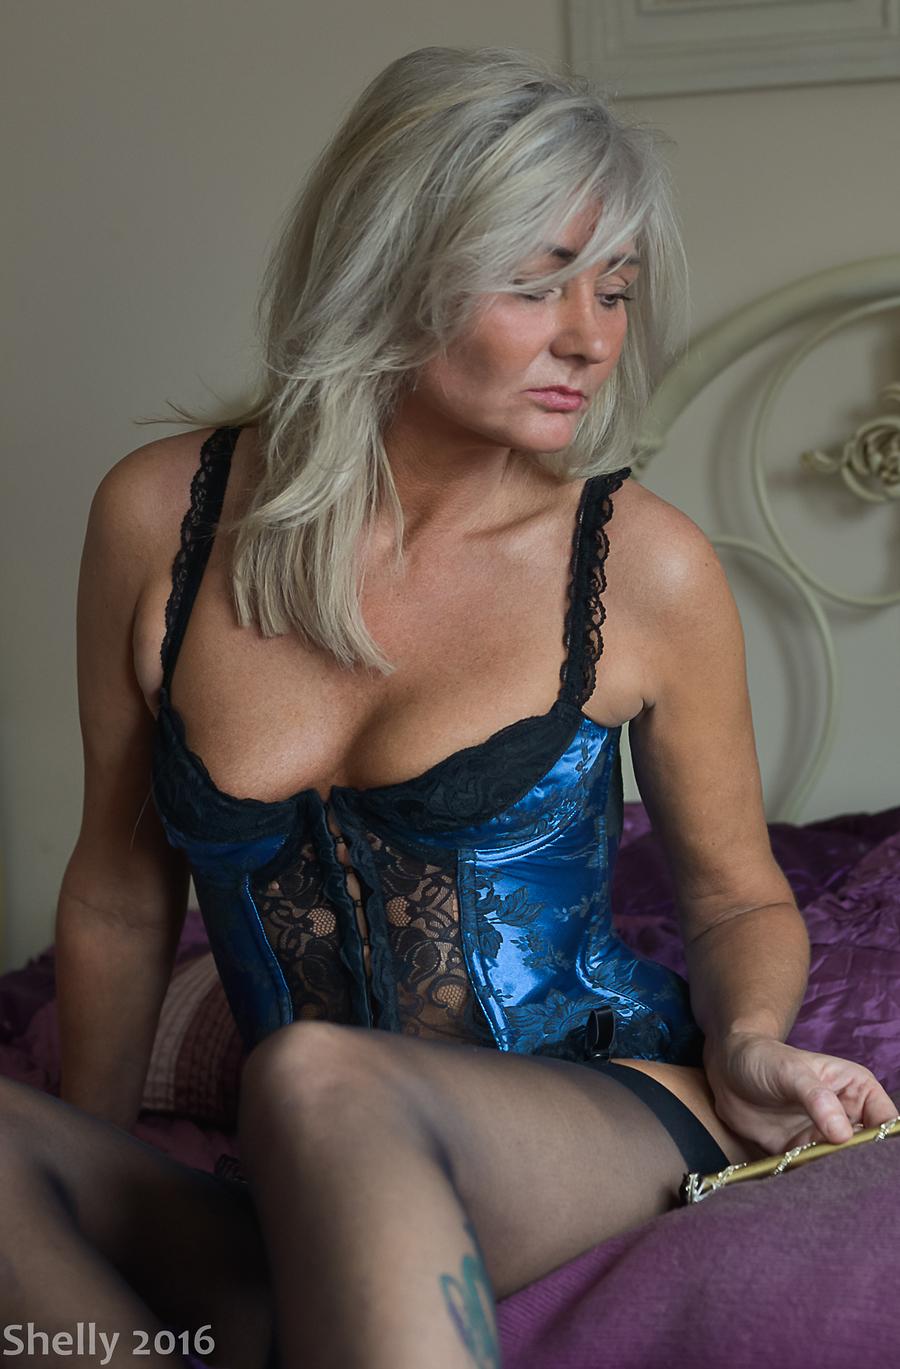 Busty female model portfolio